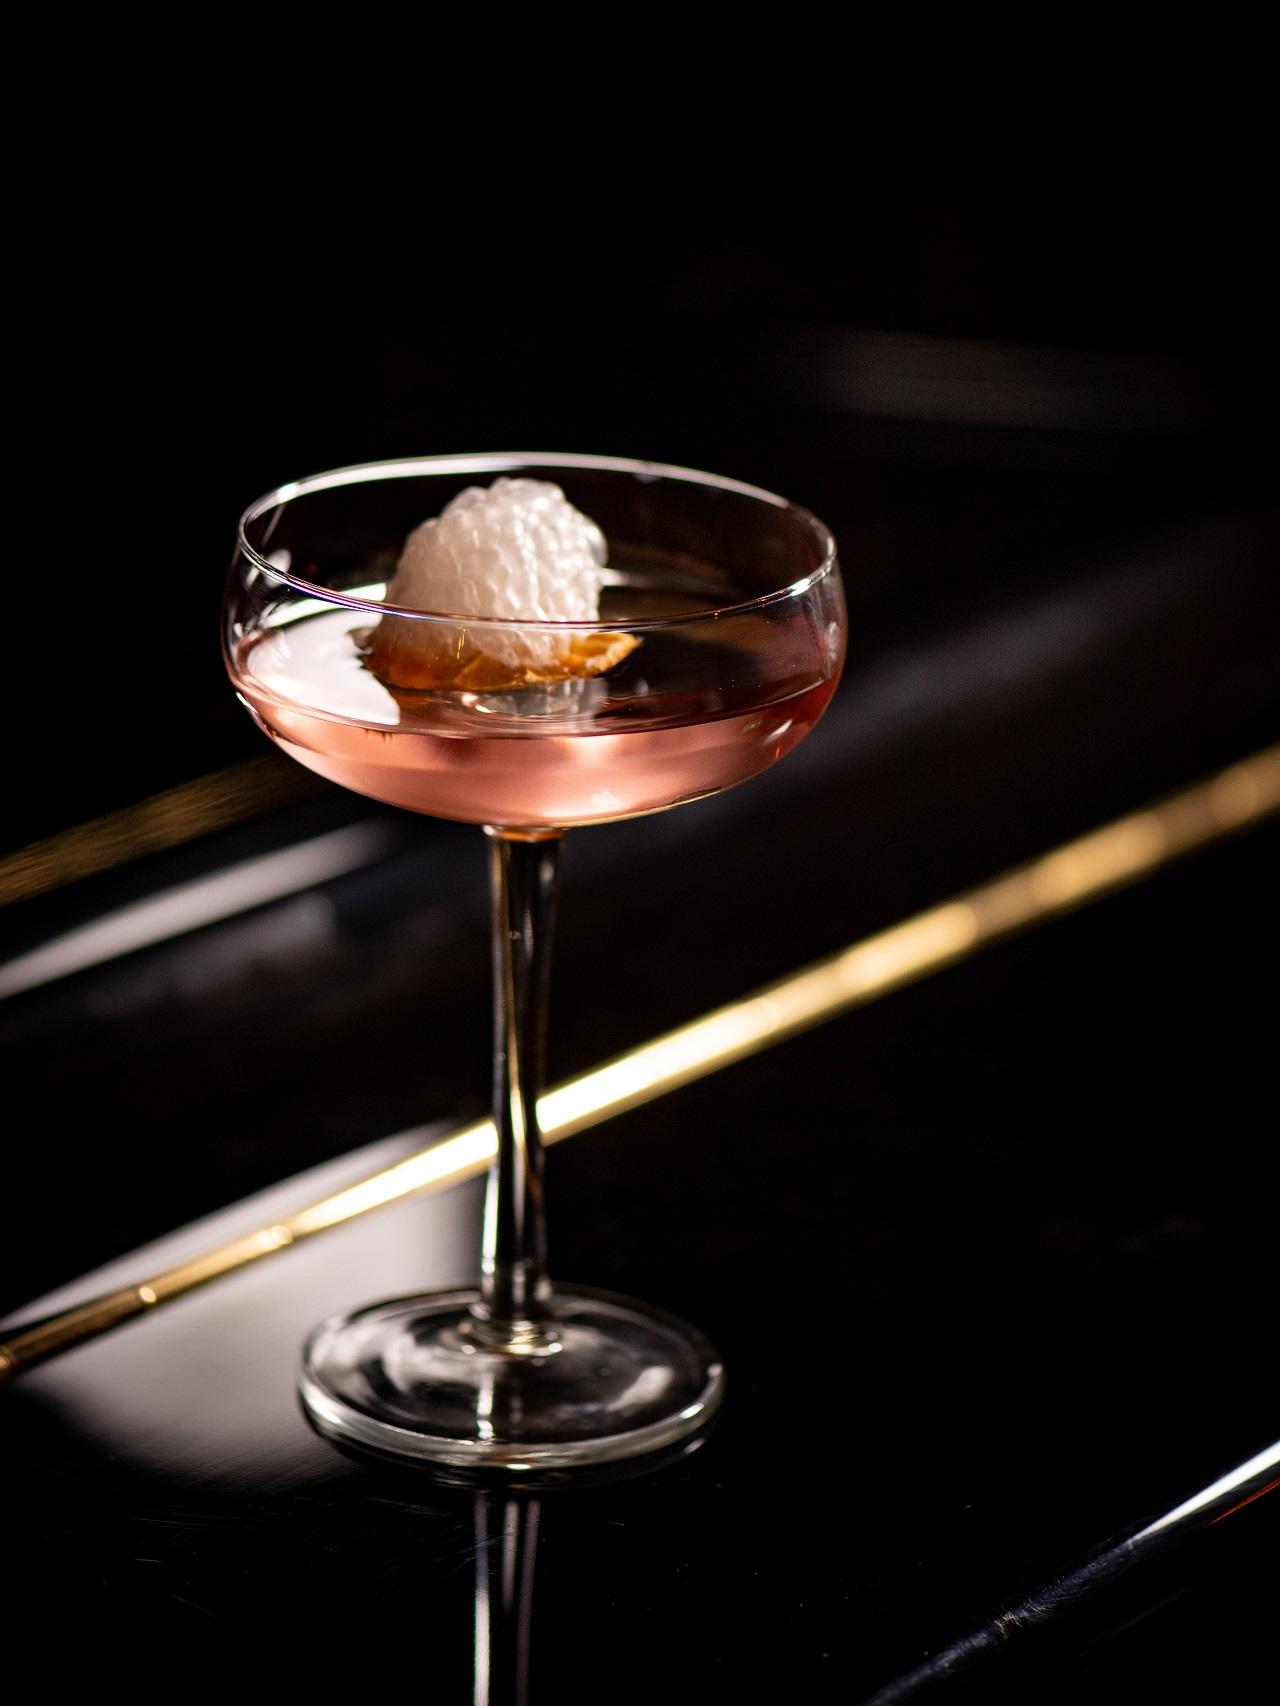 cocktail presentato in maniera elegante su sfondo nero